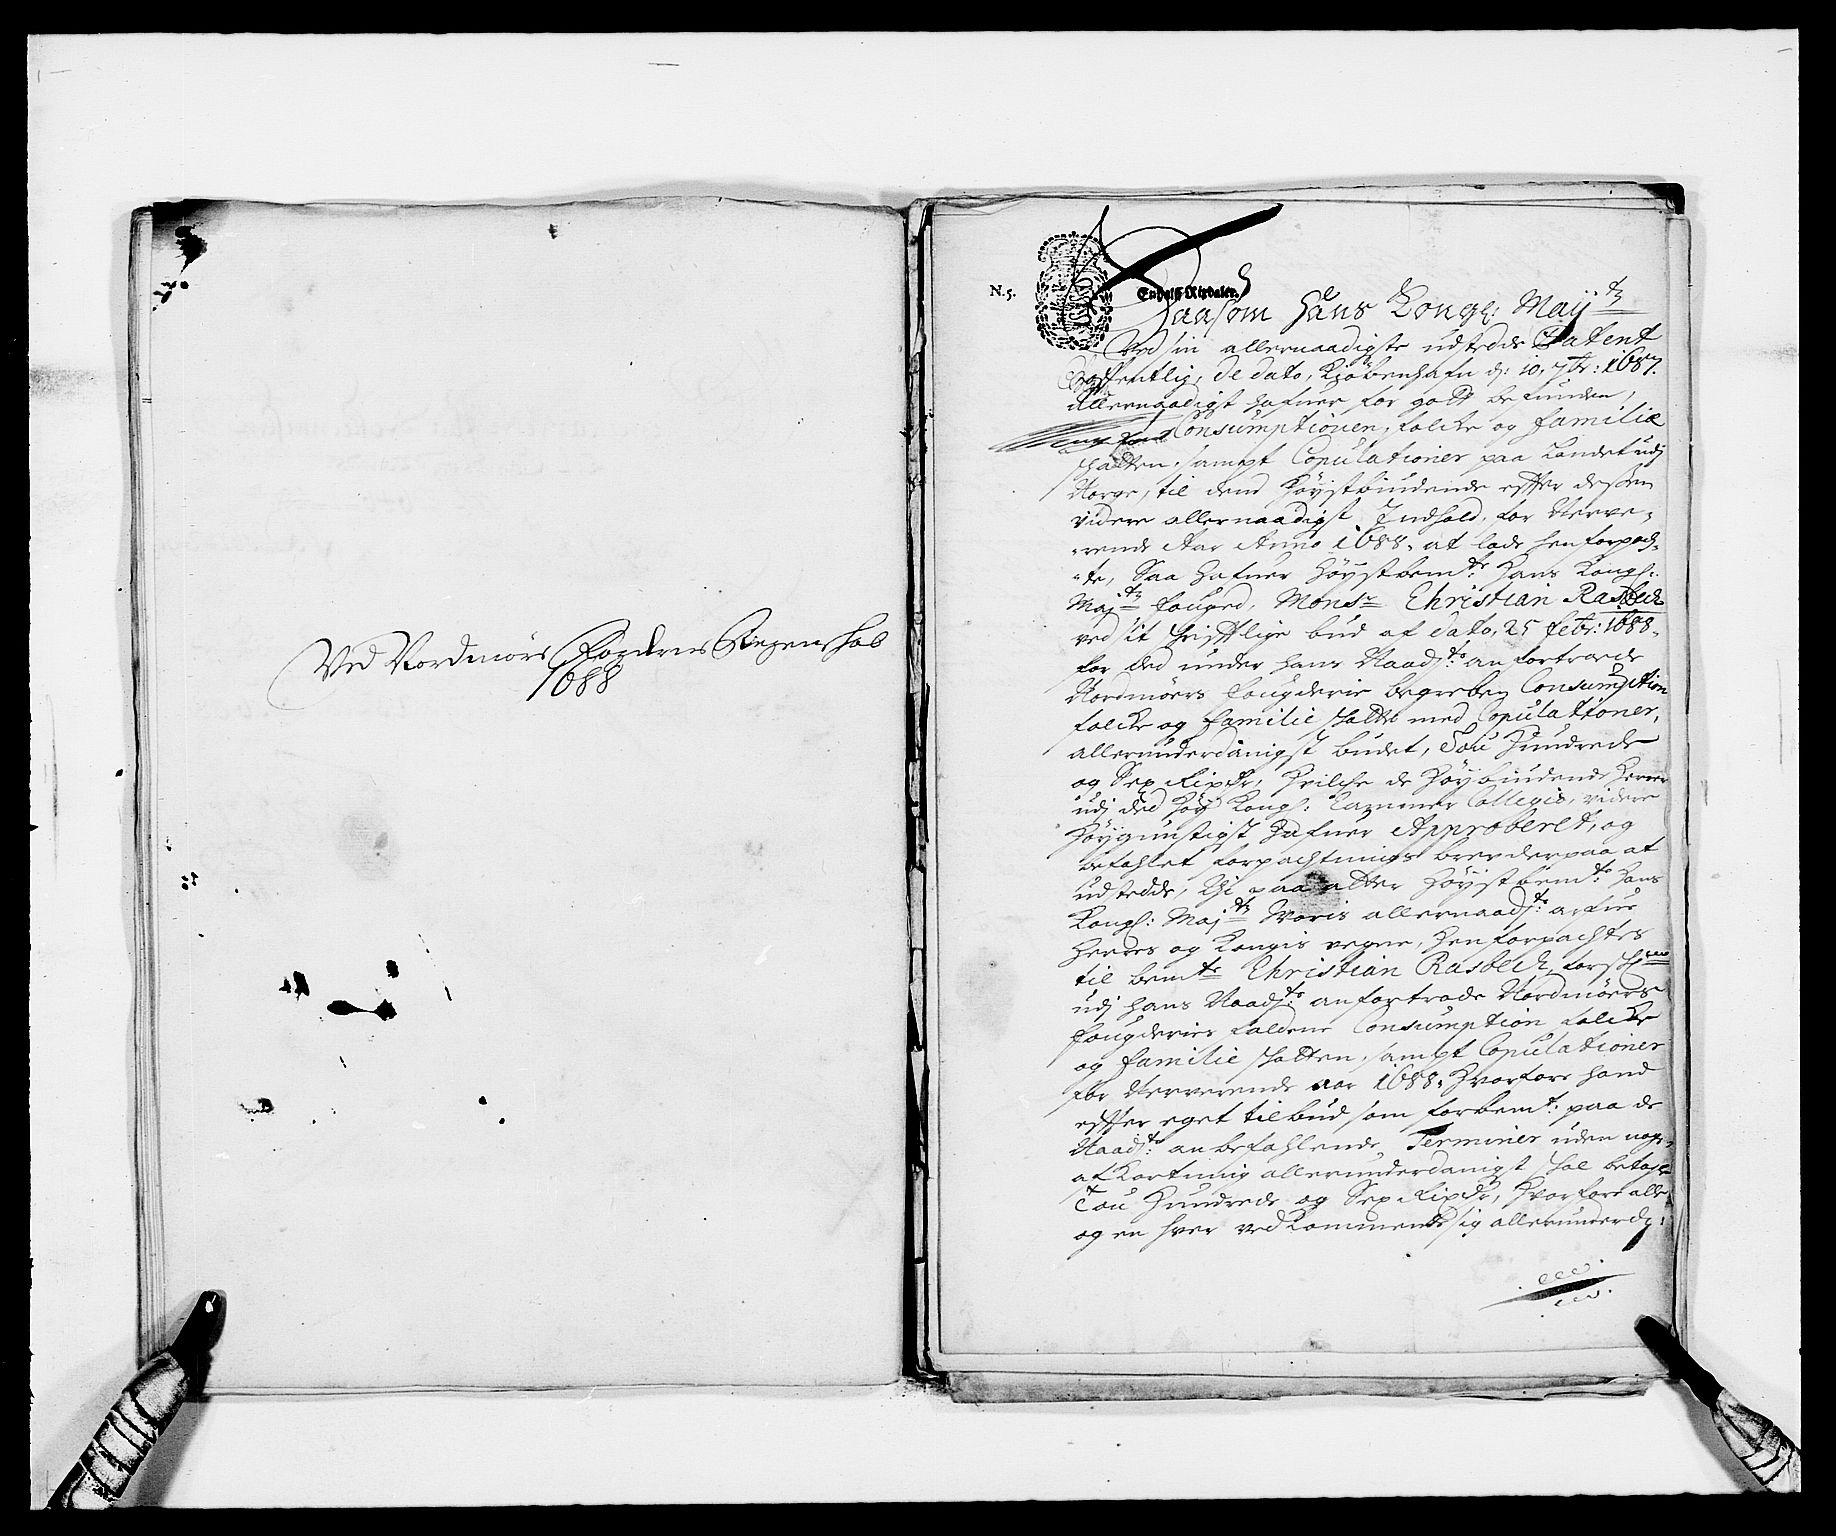 RA, Rentekammeret inntil 1814, Reviderte regnskaper, Fogderegnskap, R56/L3733: Fogderegnskap Nordmøre, 1687-1689, s. 287